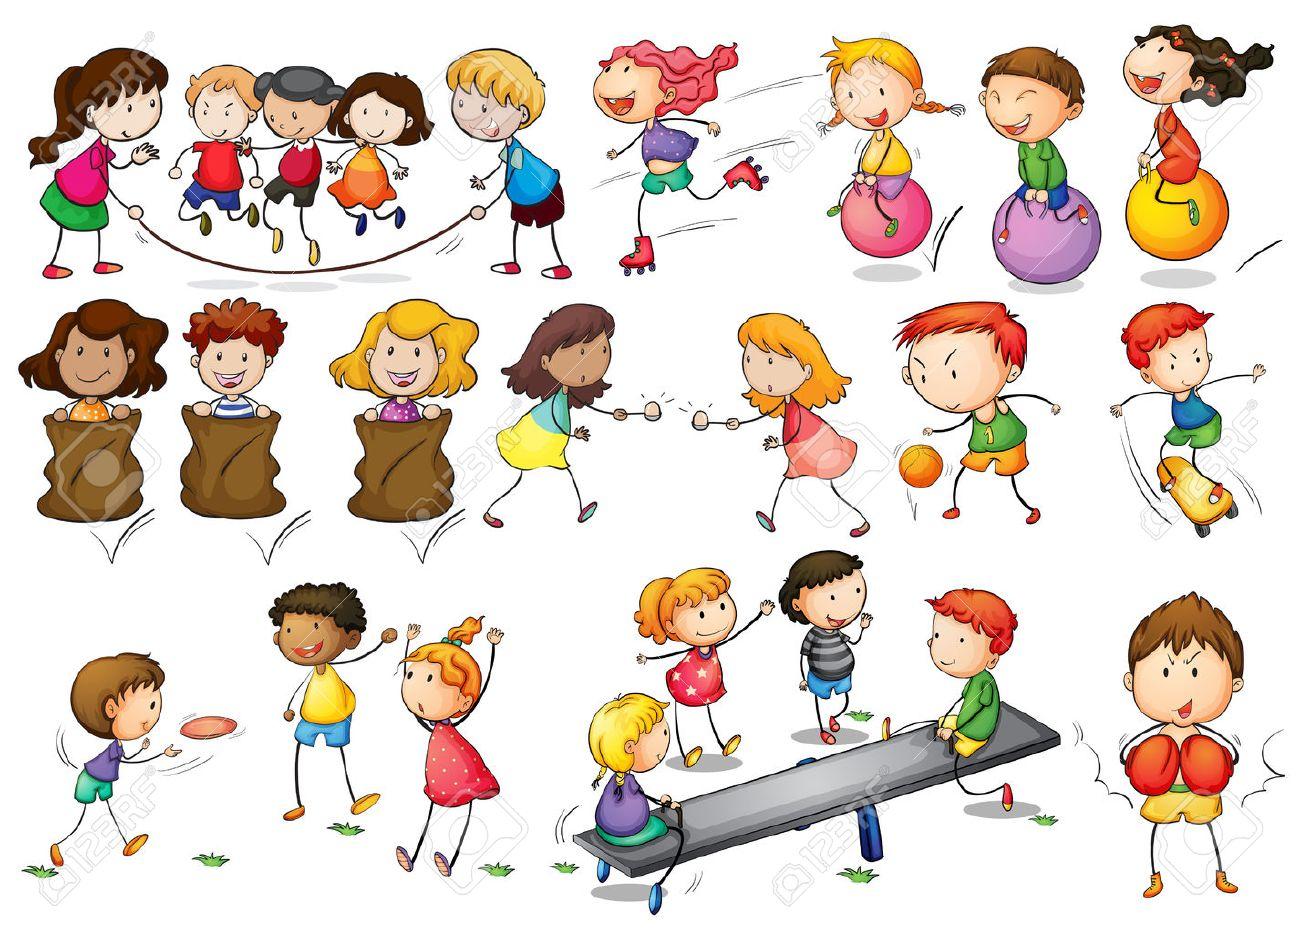 Ilustracion De Ninos Jugando Y Haciendo Actividades Ilustraciones